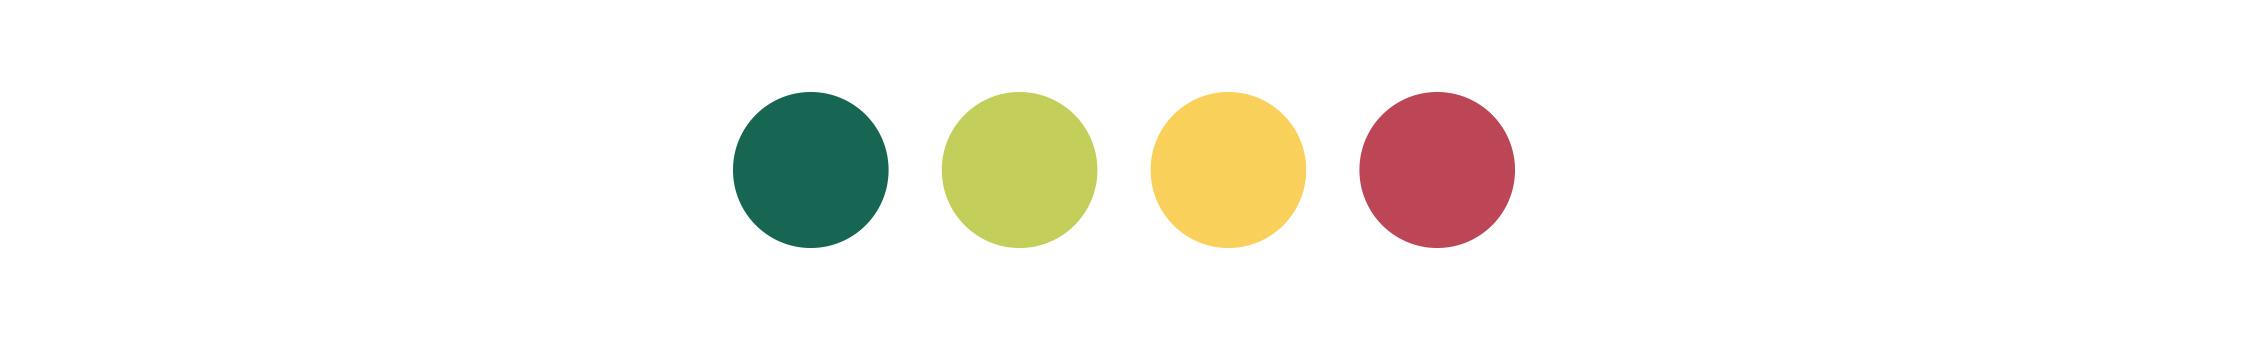 NAMT-farger.jpg